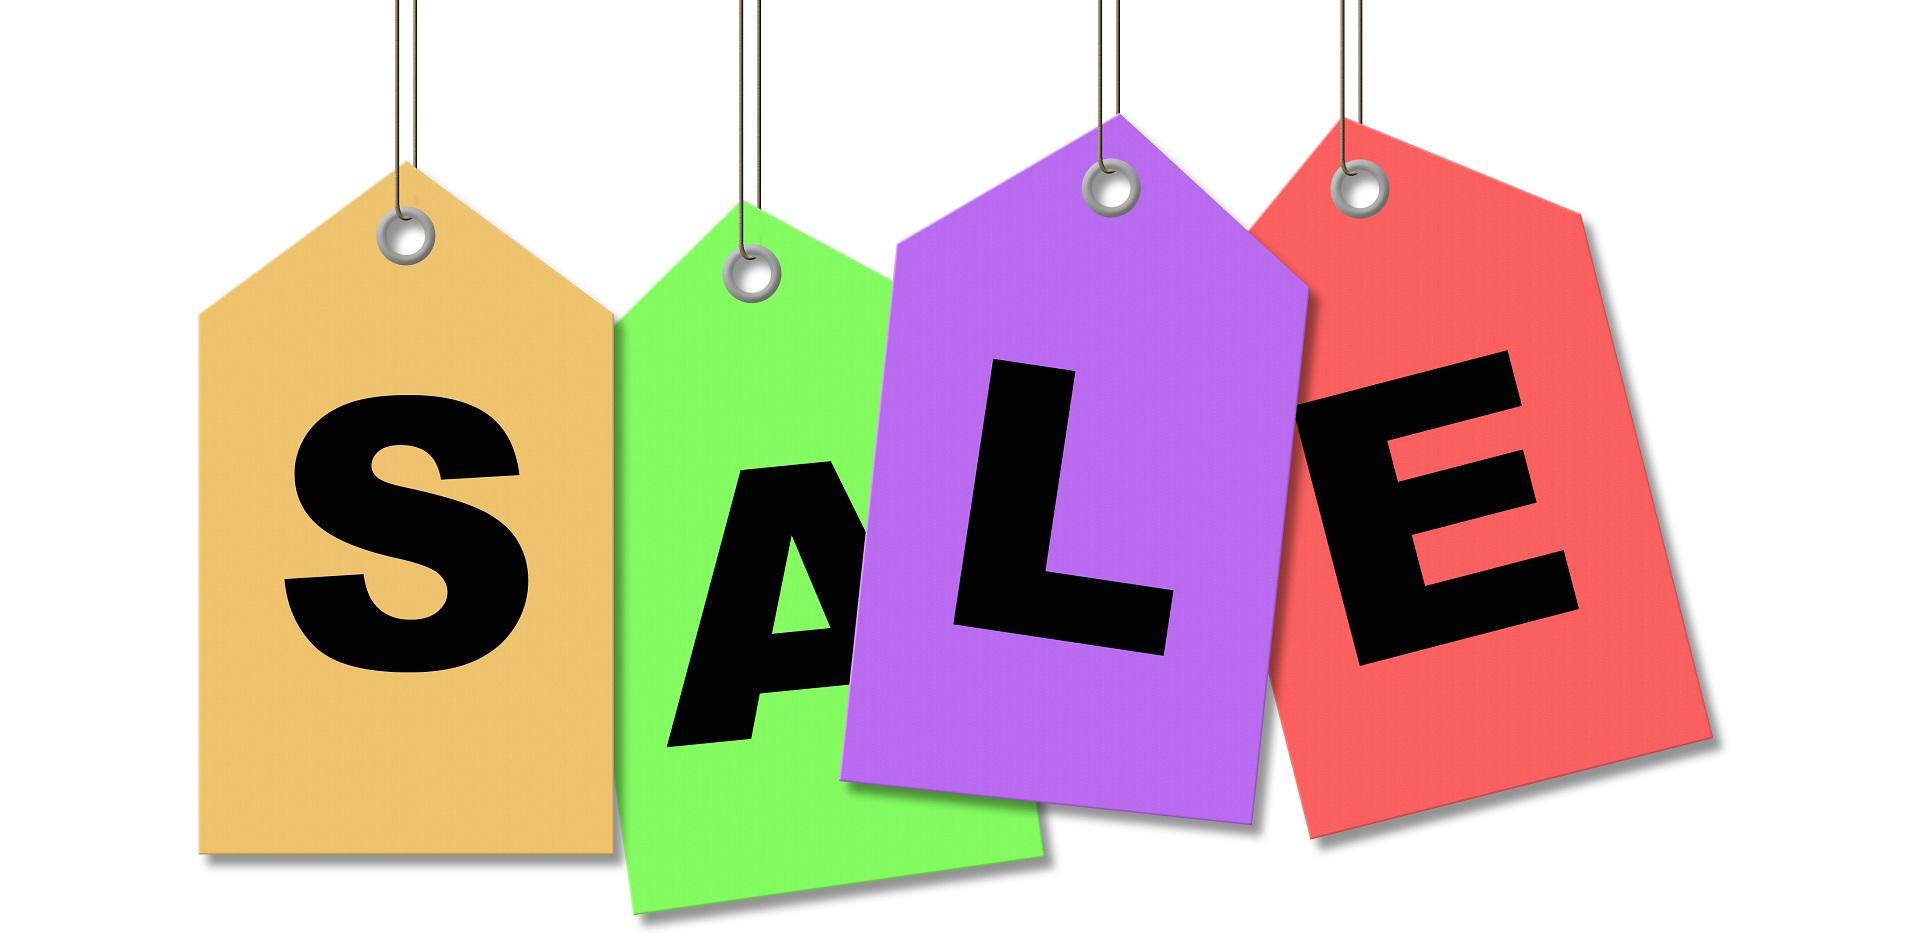 Tạo khuyến mãi hiệu quả cho kinh doanh đồ chơi trẻ em với phần mềm bán hàng